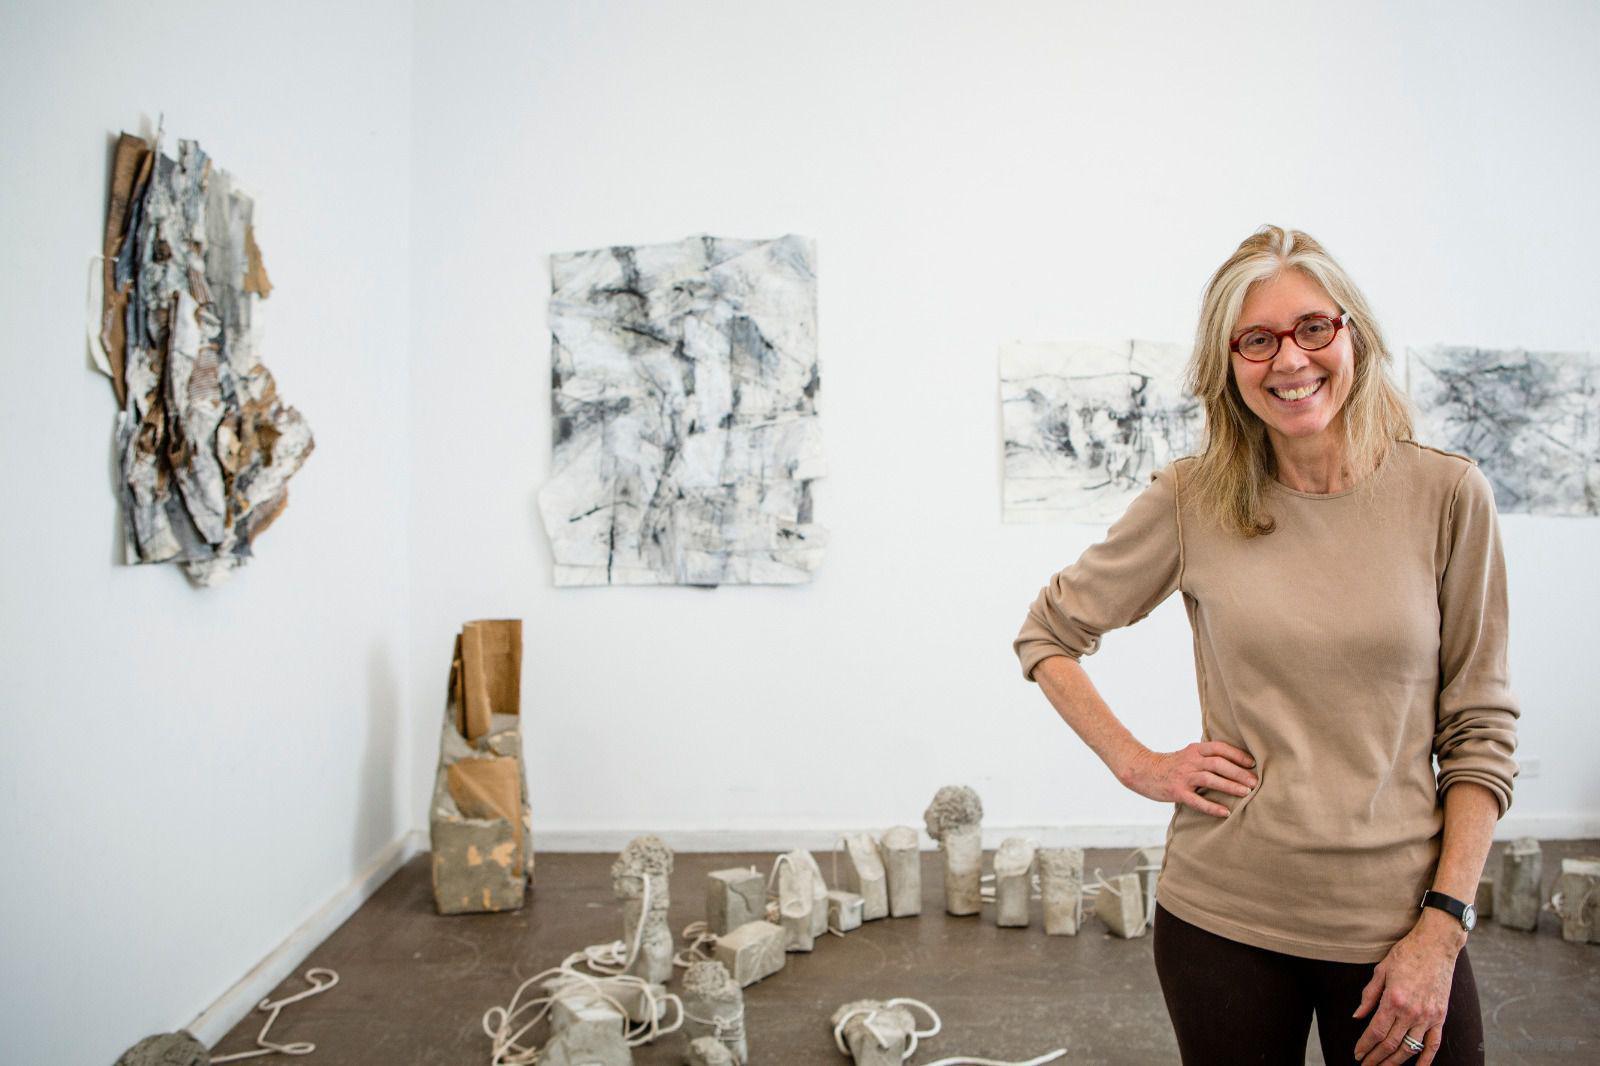 藝術家露絲·哈丁格肖像照